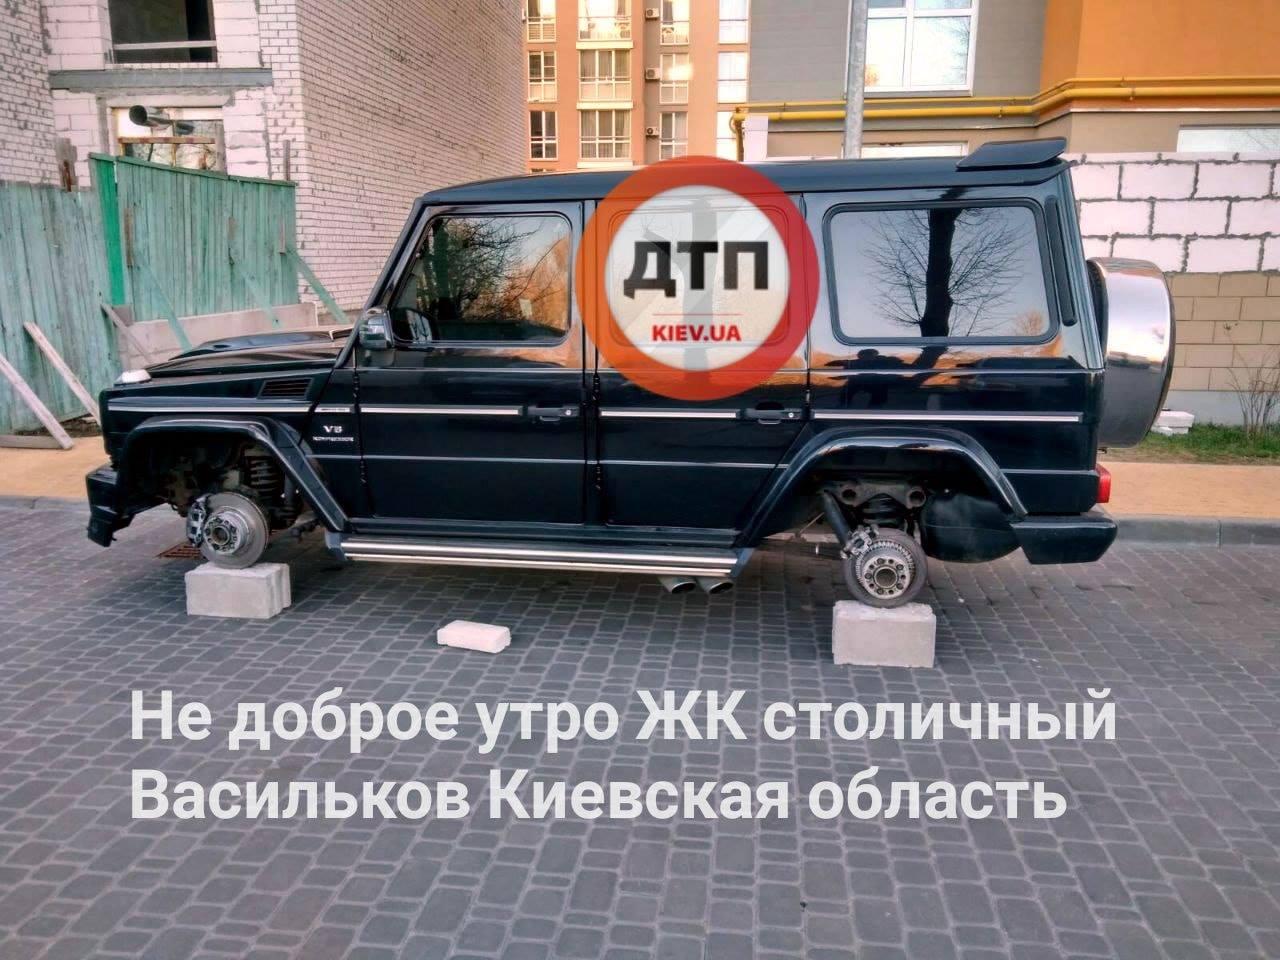 22_vasylkov.jpg